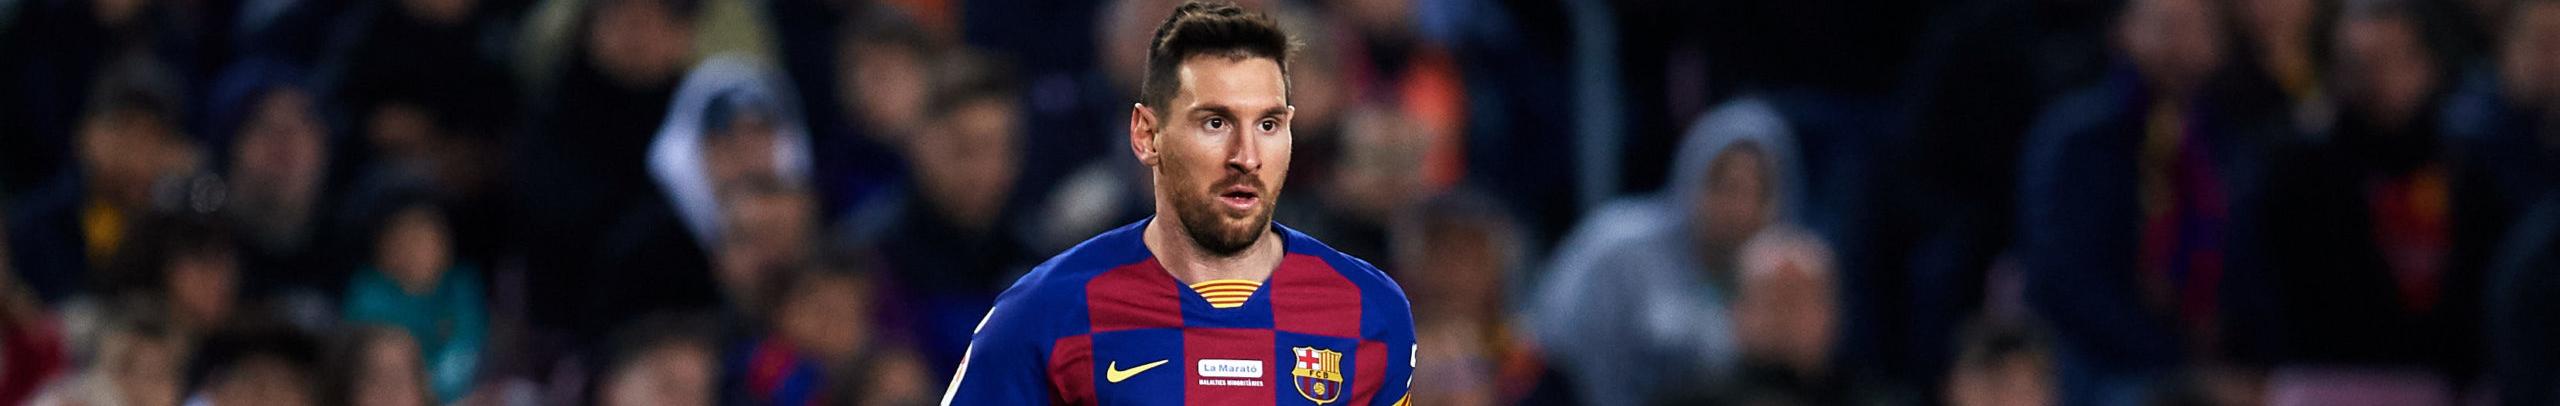 Barcellona-Real Madrid, tutto pronto al Camp Nou per un Clásico che vale la testa della classifica